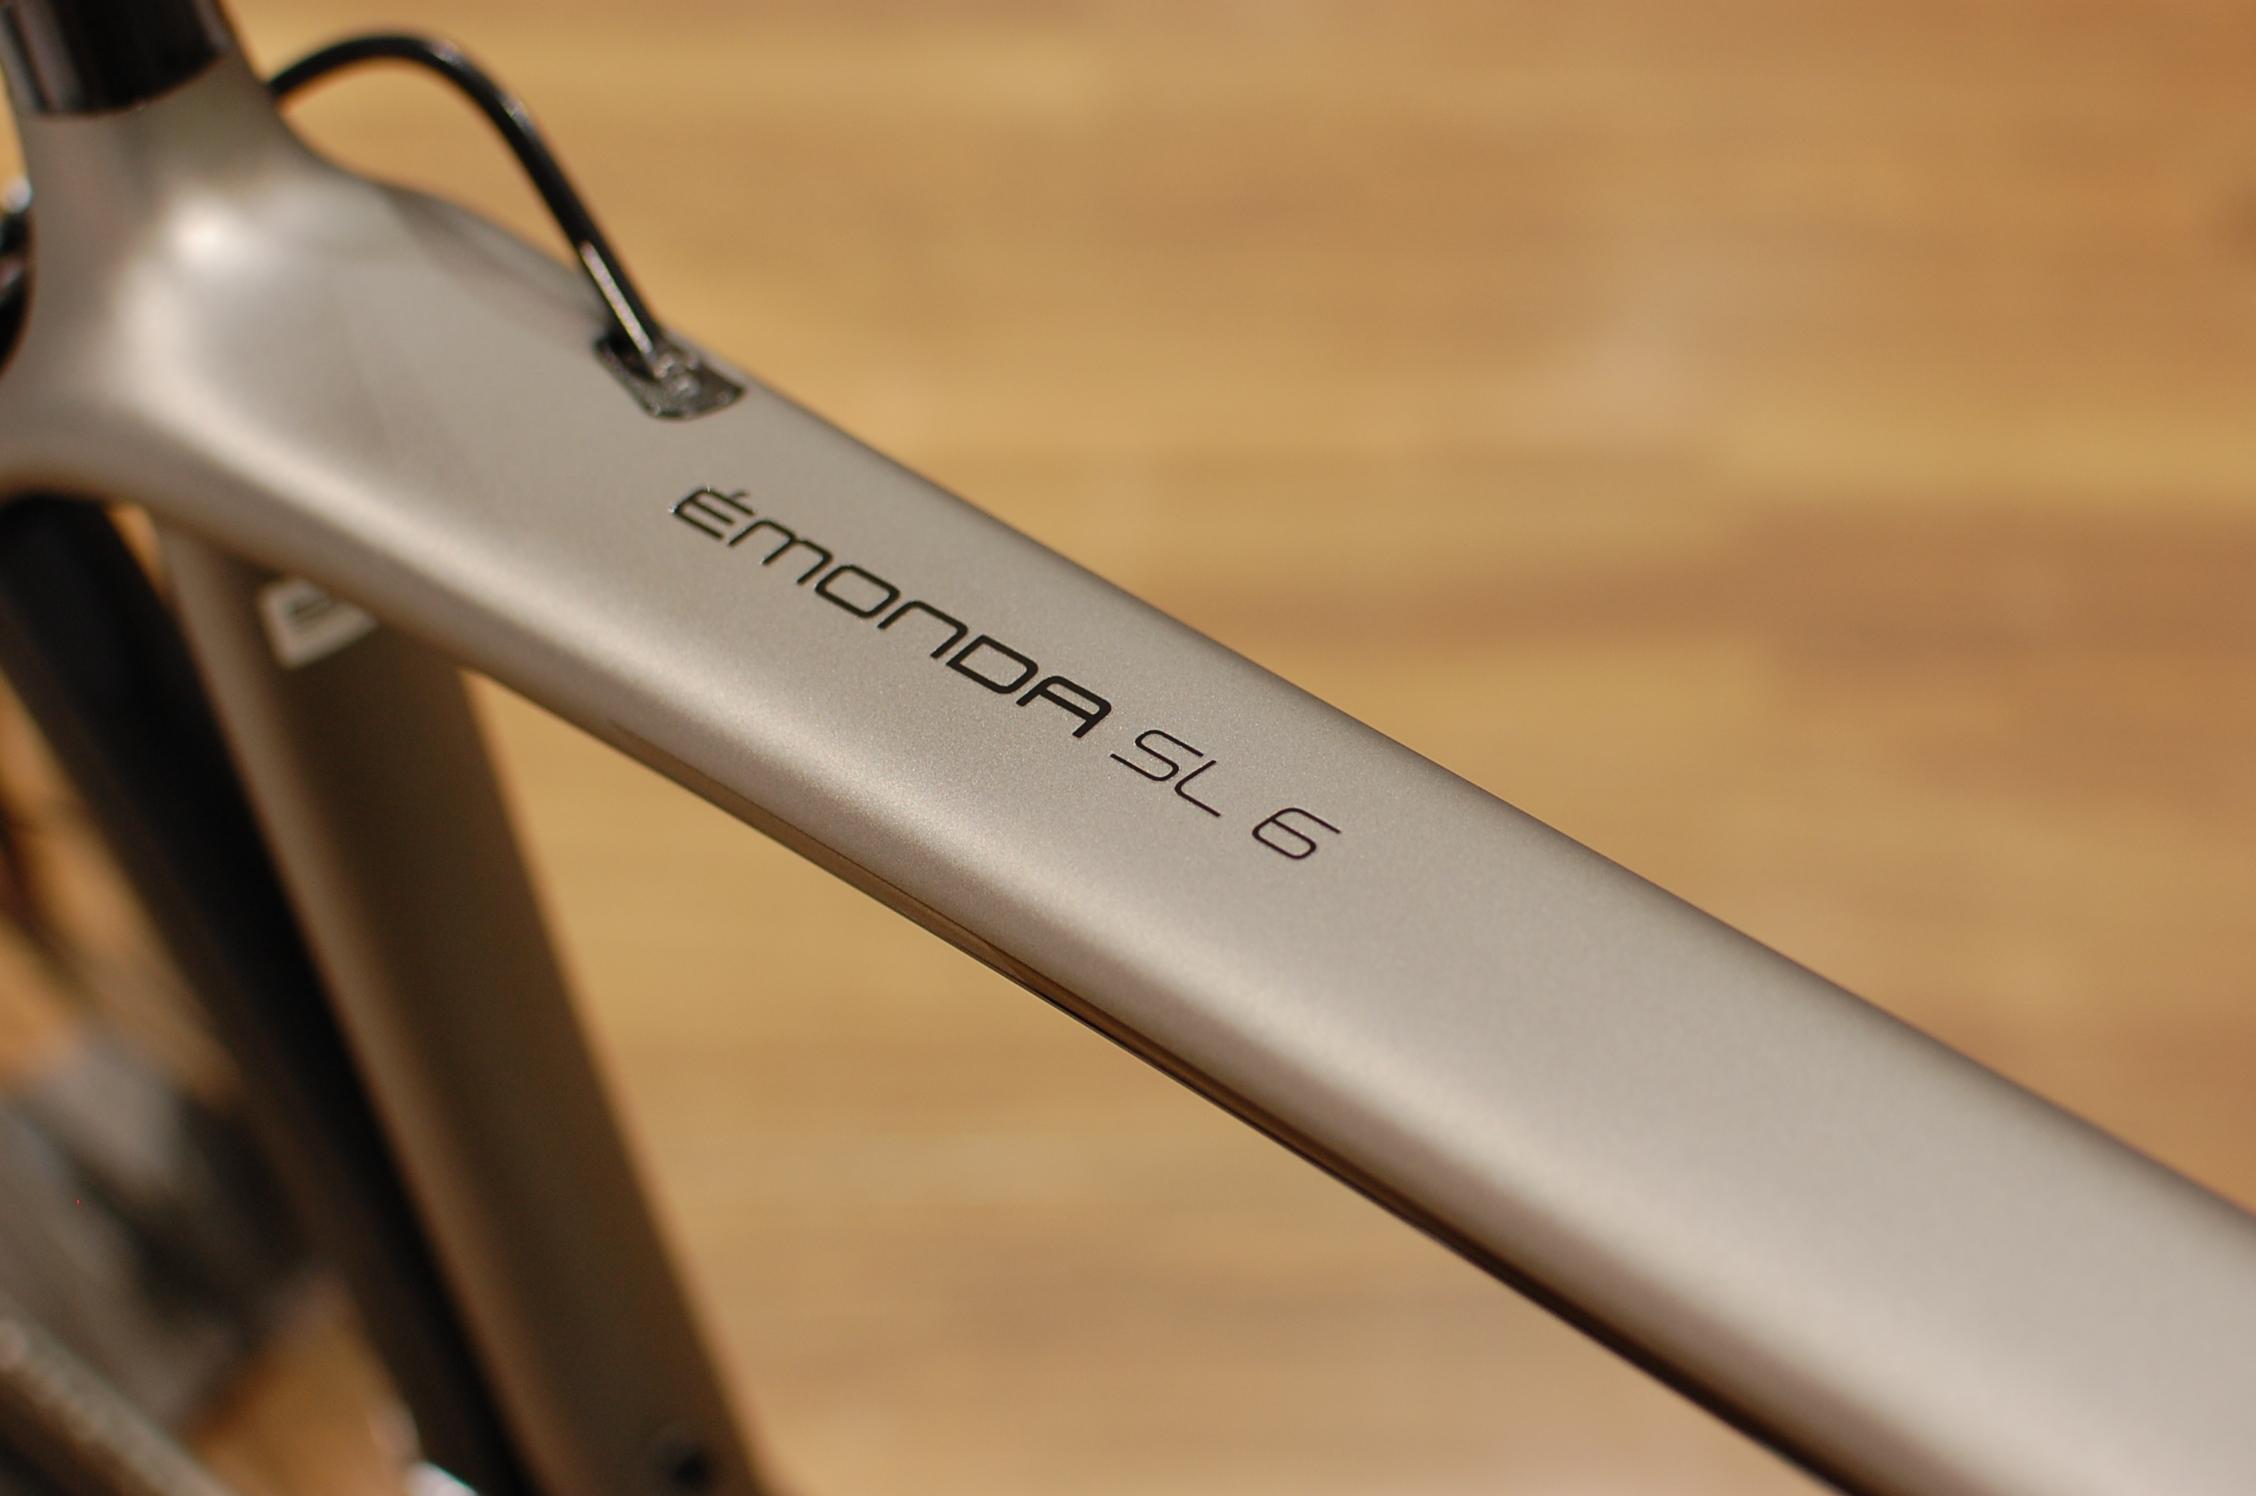 カーボンホイールにR8000系アルテグラをアッセンブル 2018年モデル Emonda SL 6 Pro